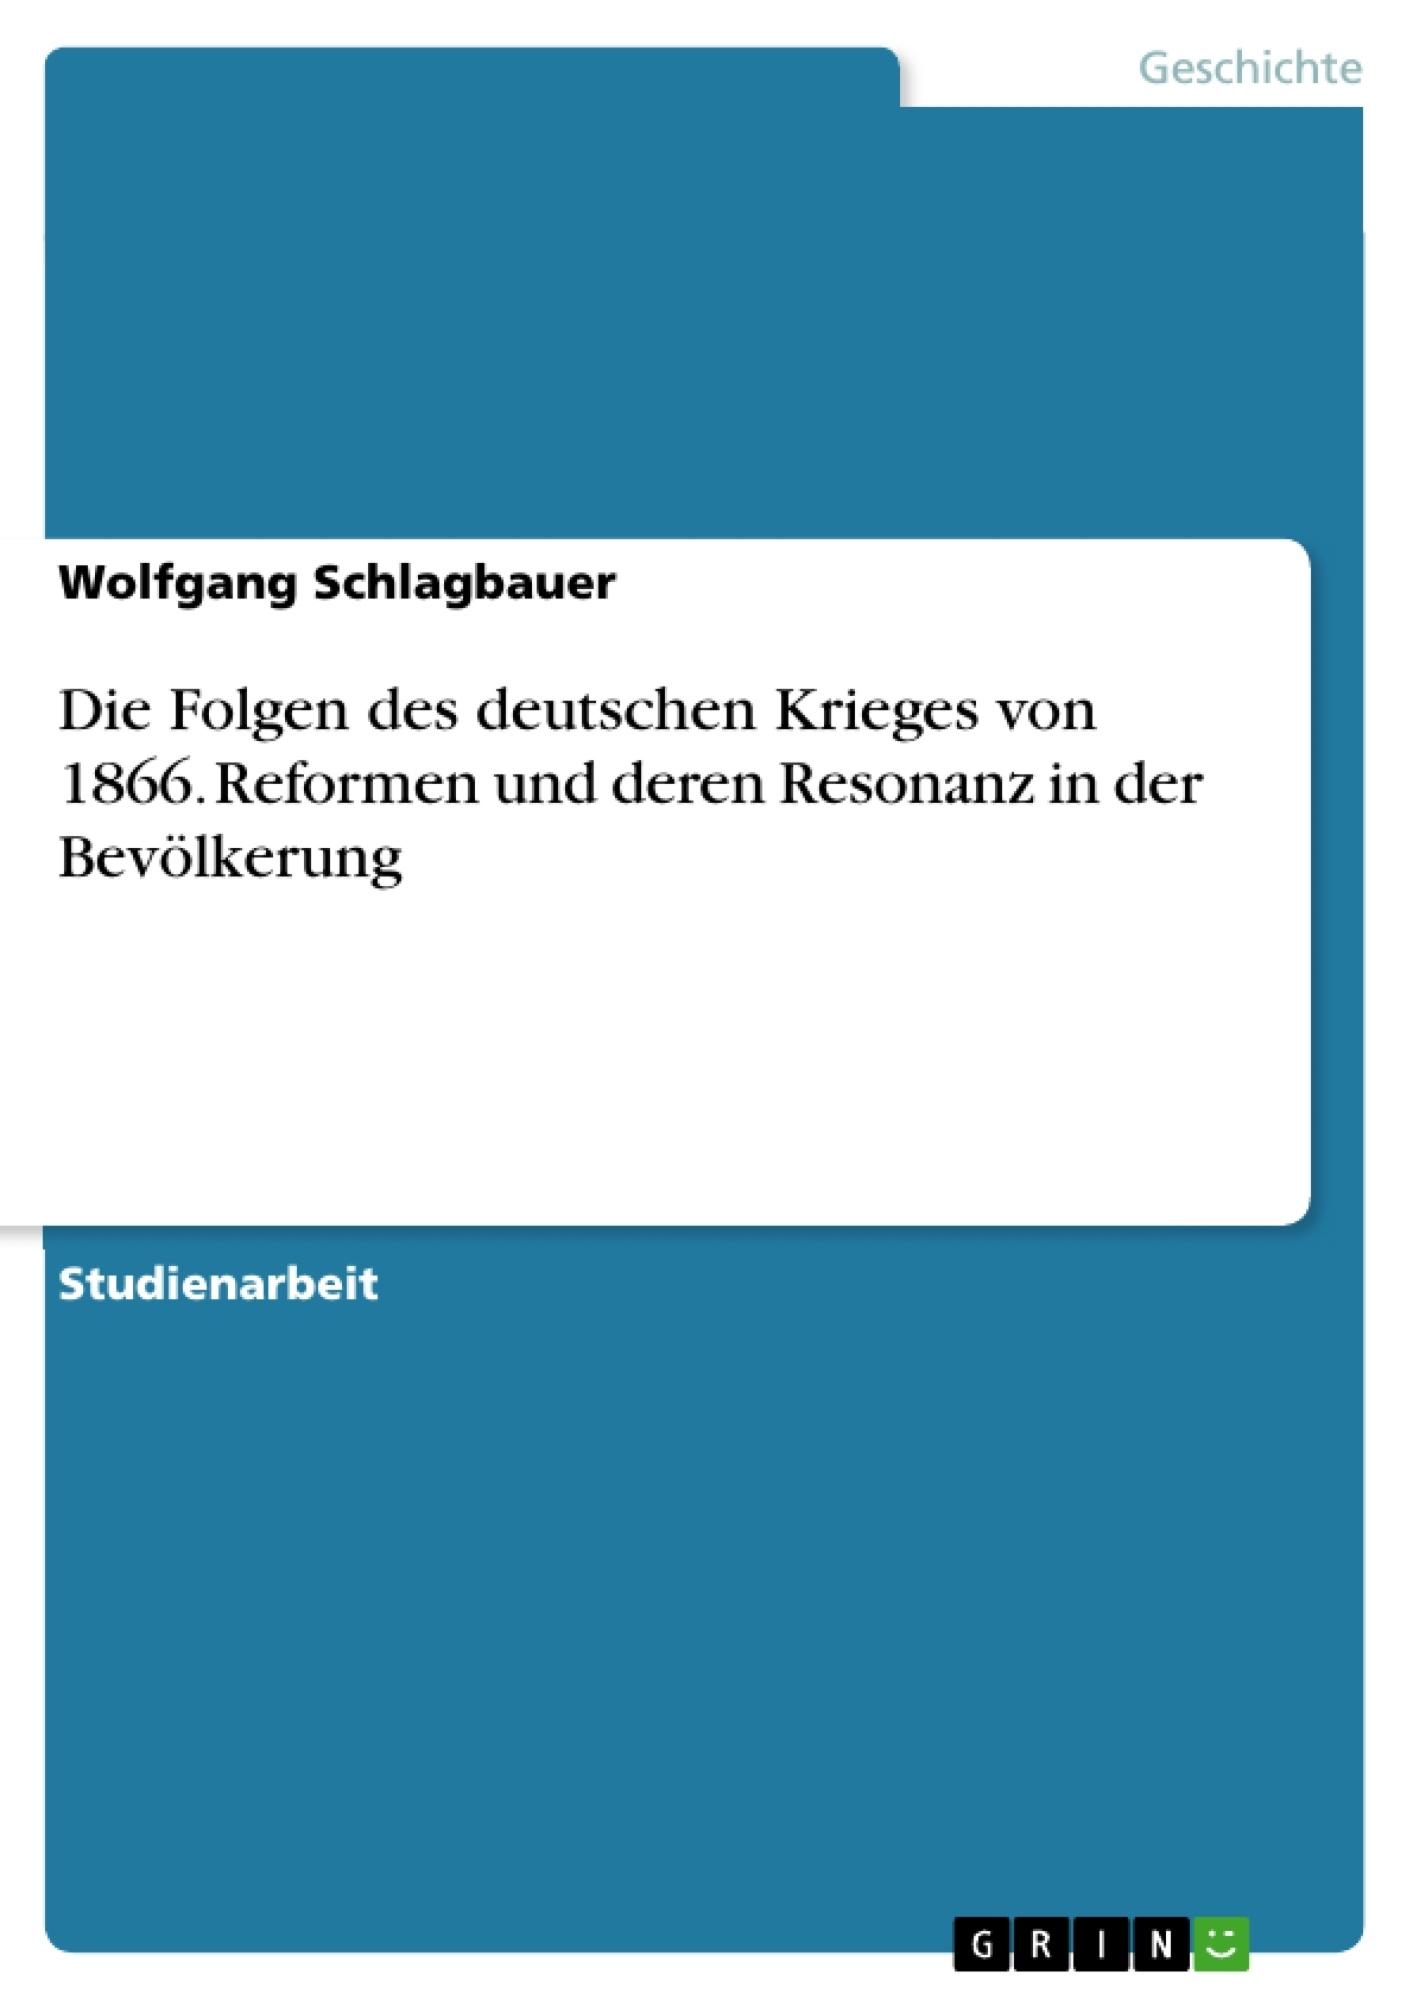 Titel: Die Folgen des deutschen Krieges von 1866. Reformen und deren Resonanz in der Bevölkerung